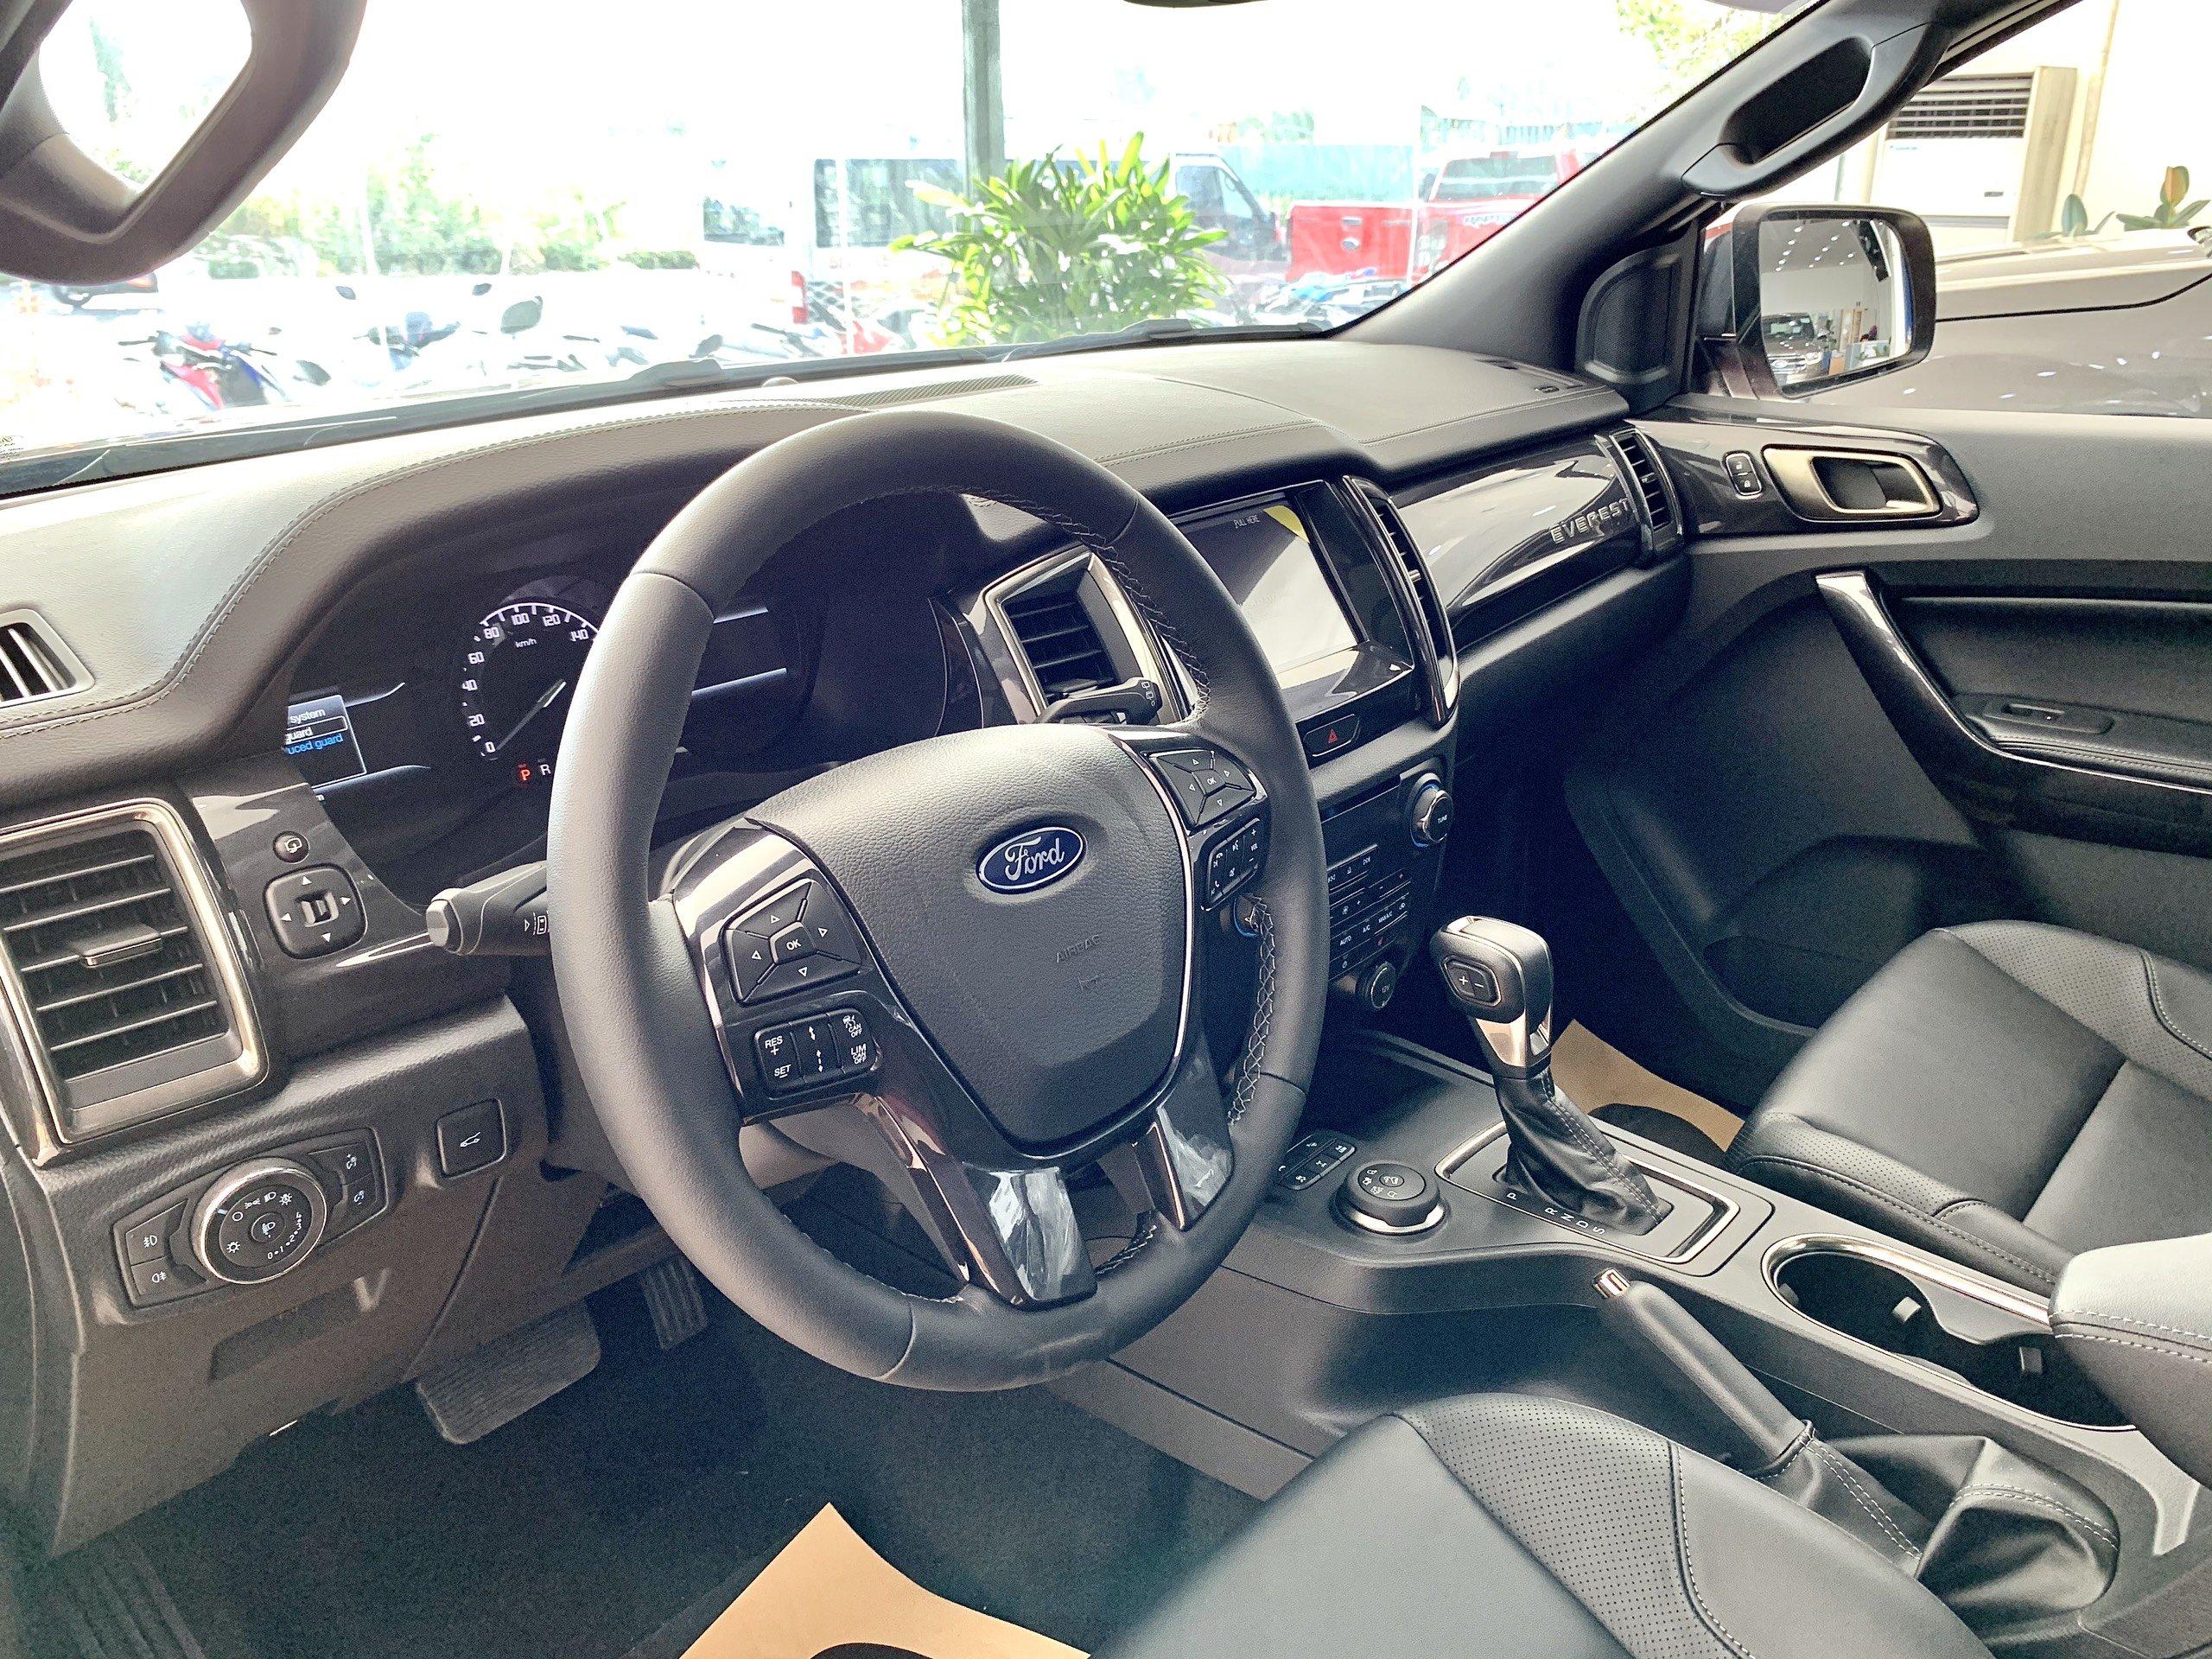 Ford Everest 2021 – chiếc xe 7 chỗ máy dầu đáng mua nhất theo khuyến cáo của Ford Hòa Bình